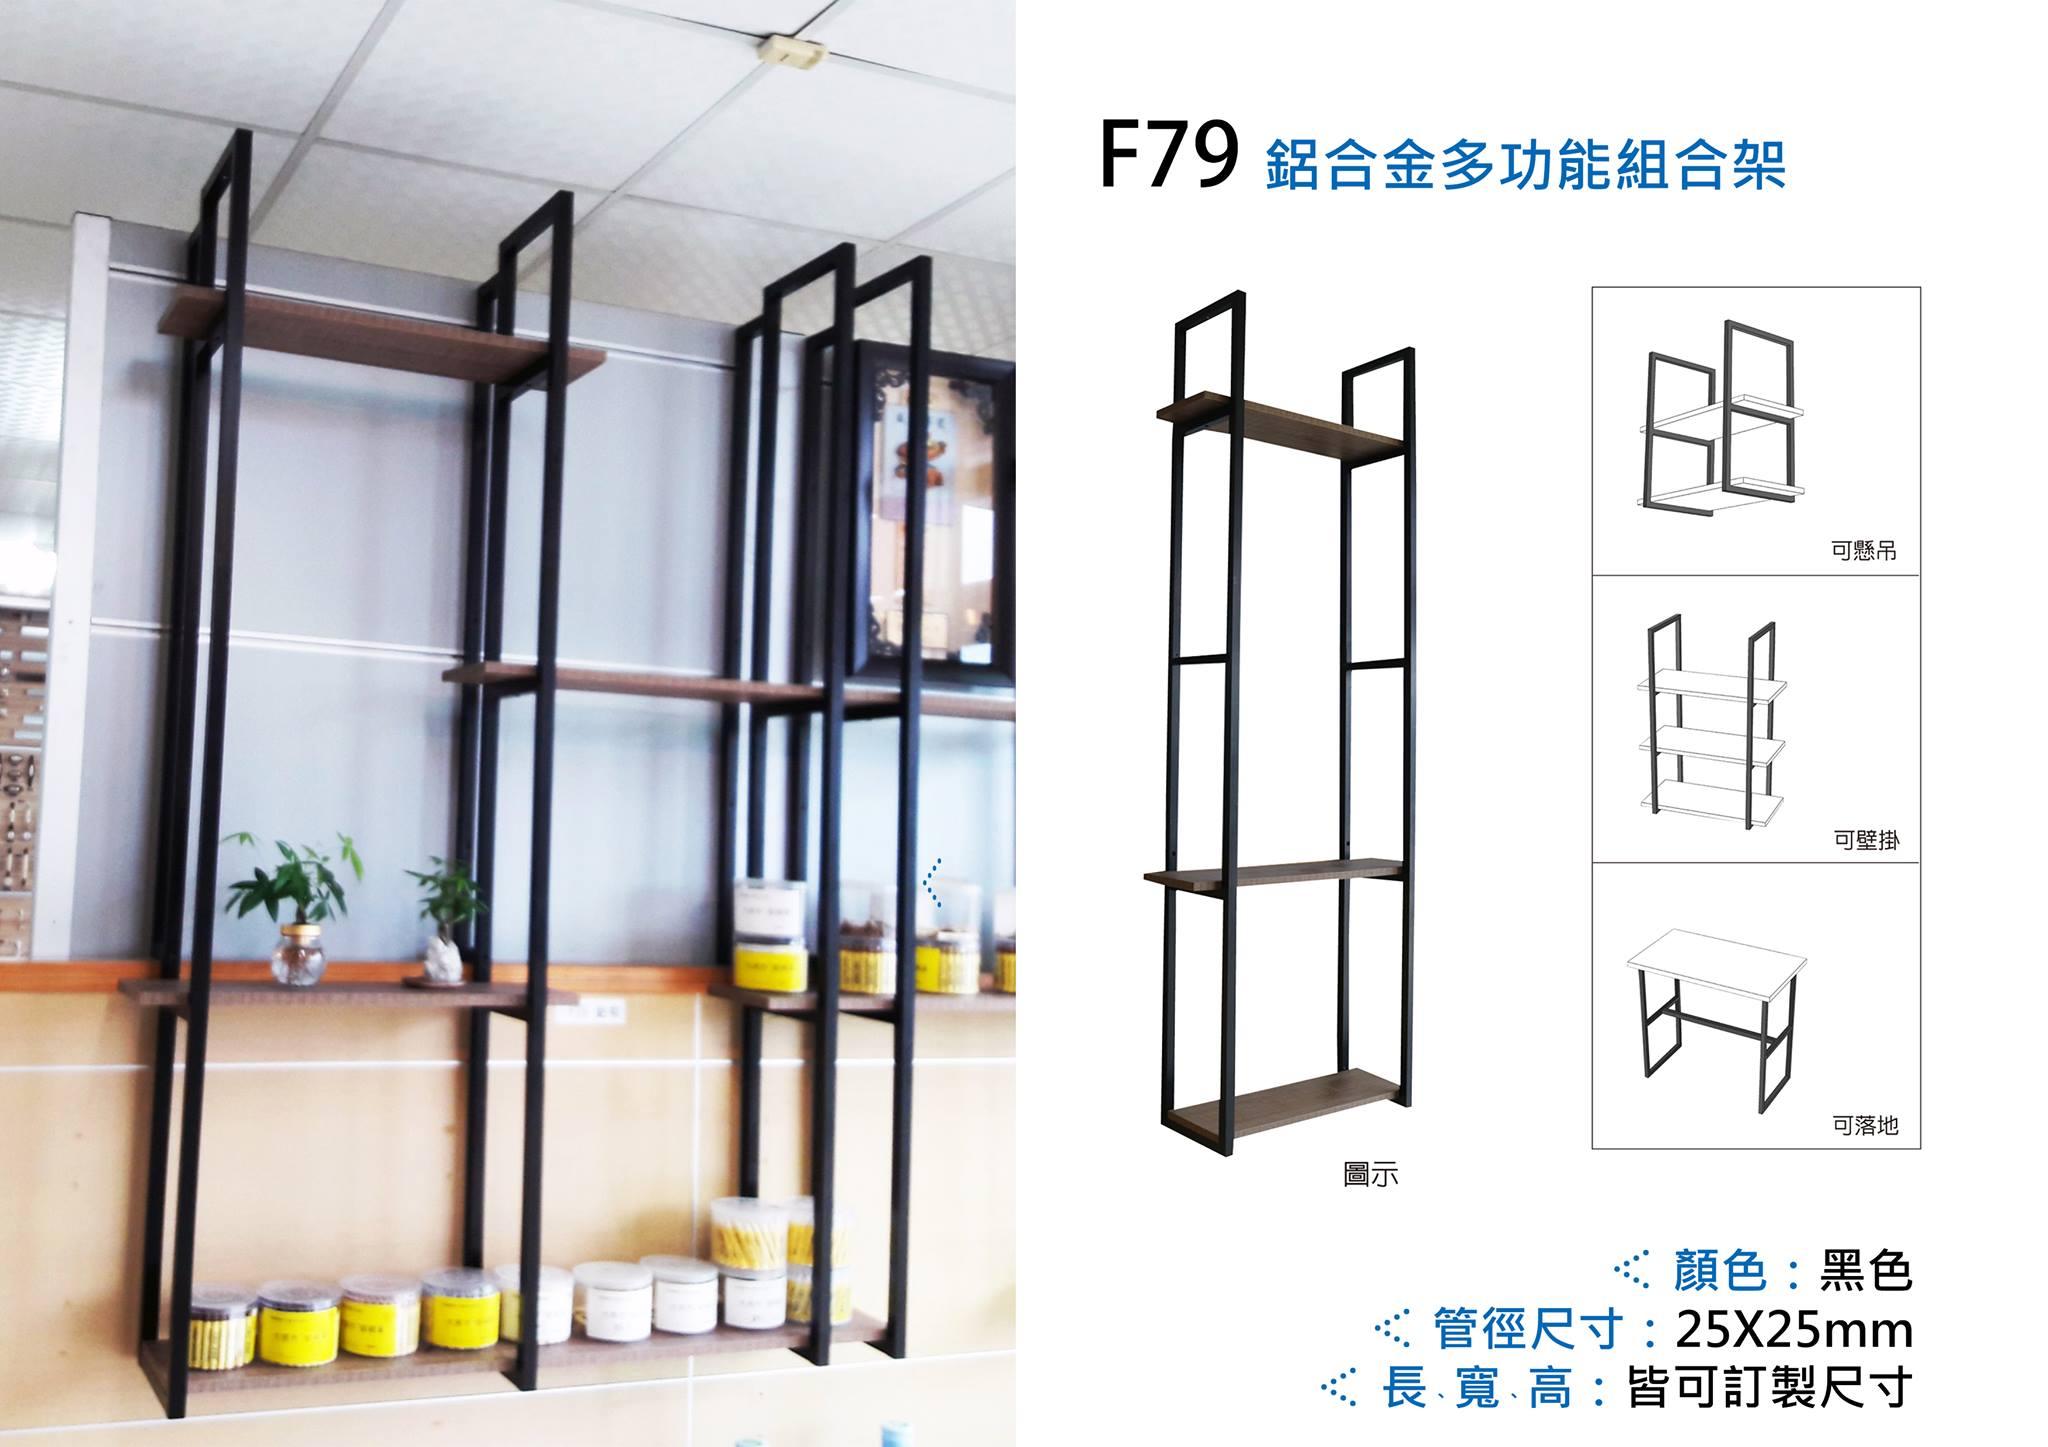 F79.jpg